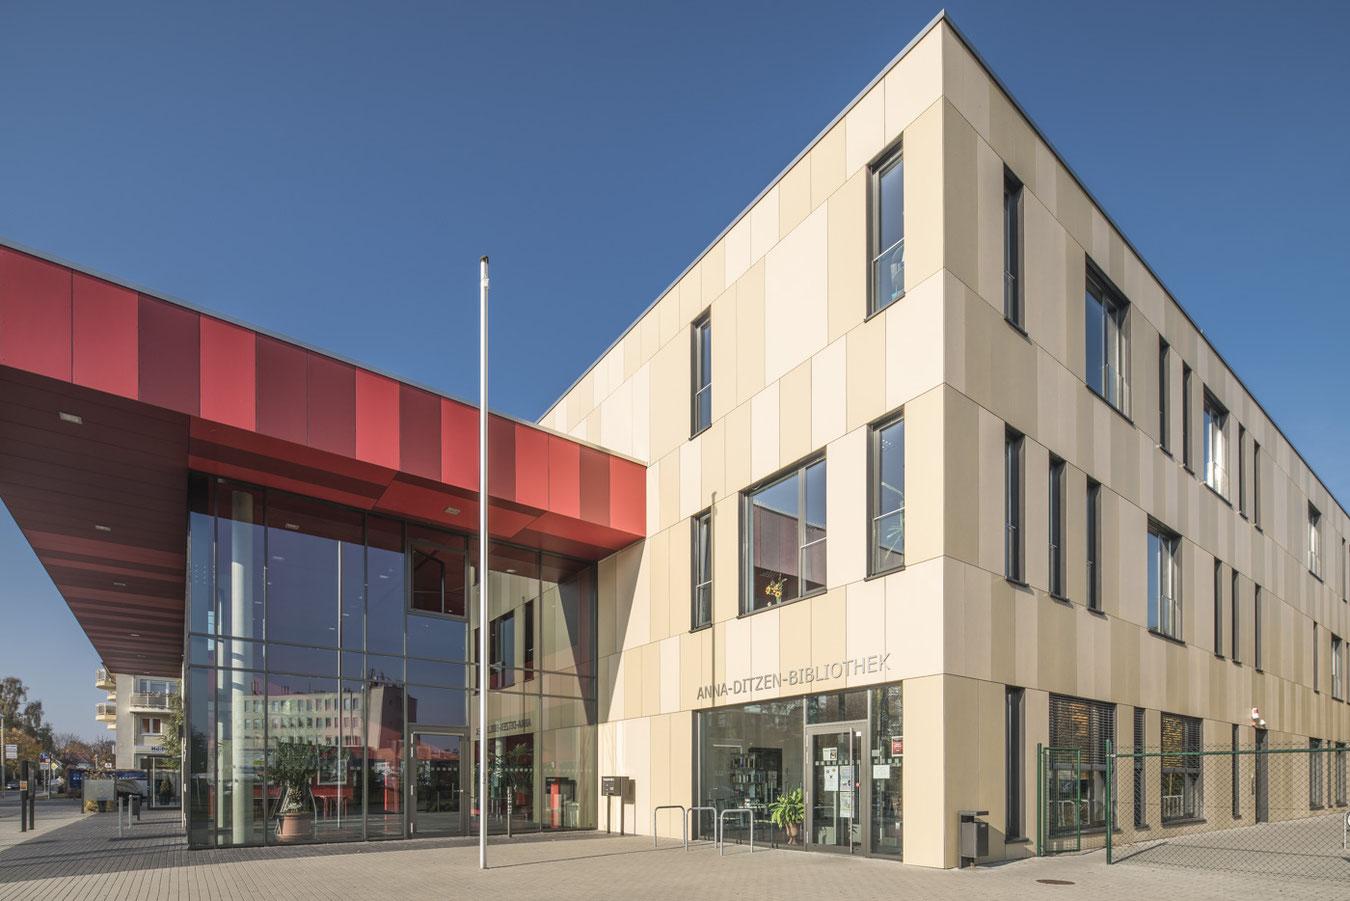 Fassade mit Eingang zur Anna-Ditzen-Bibliothek